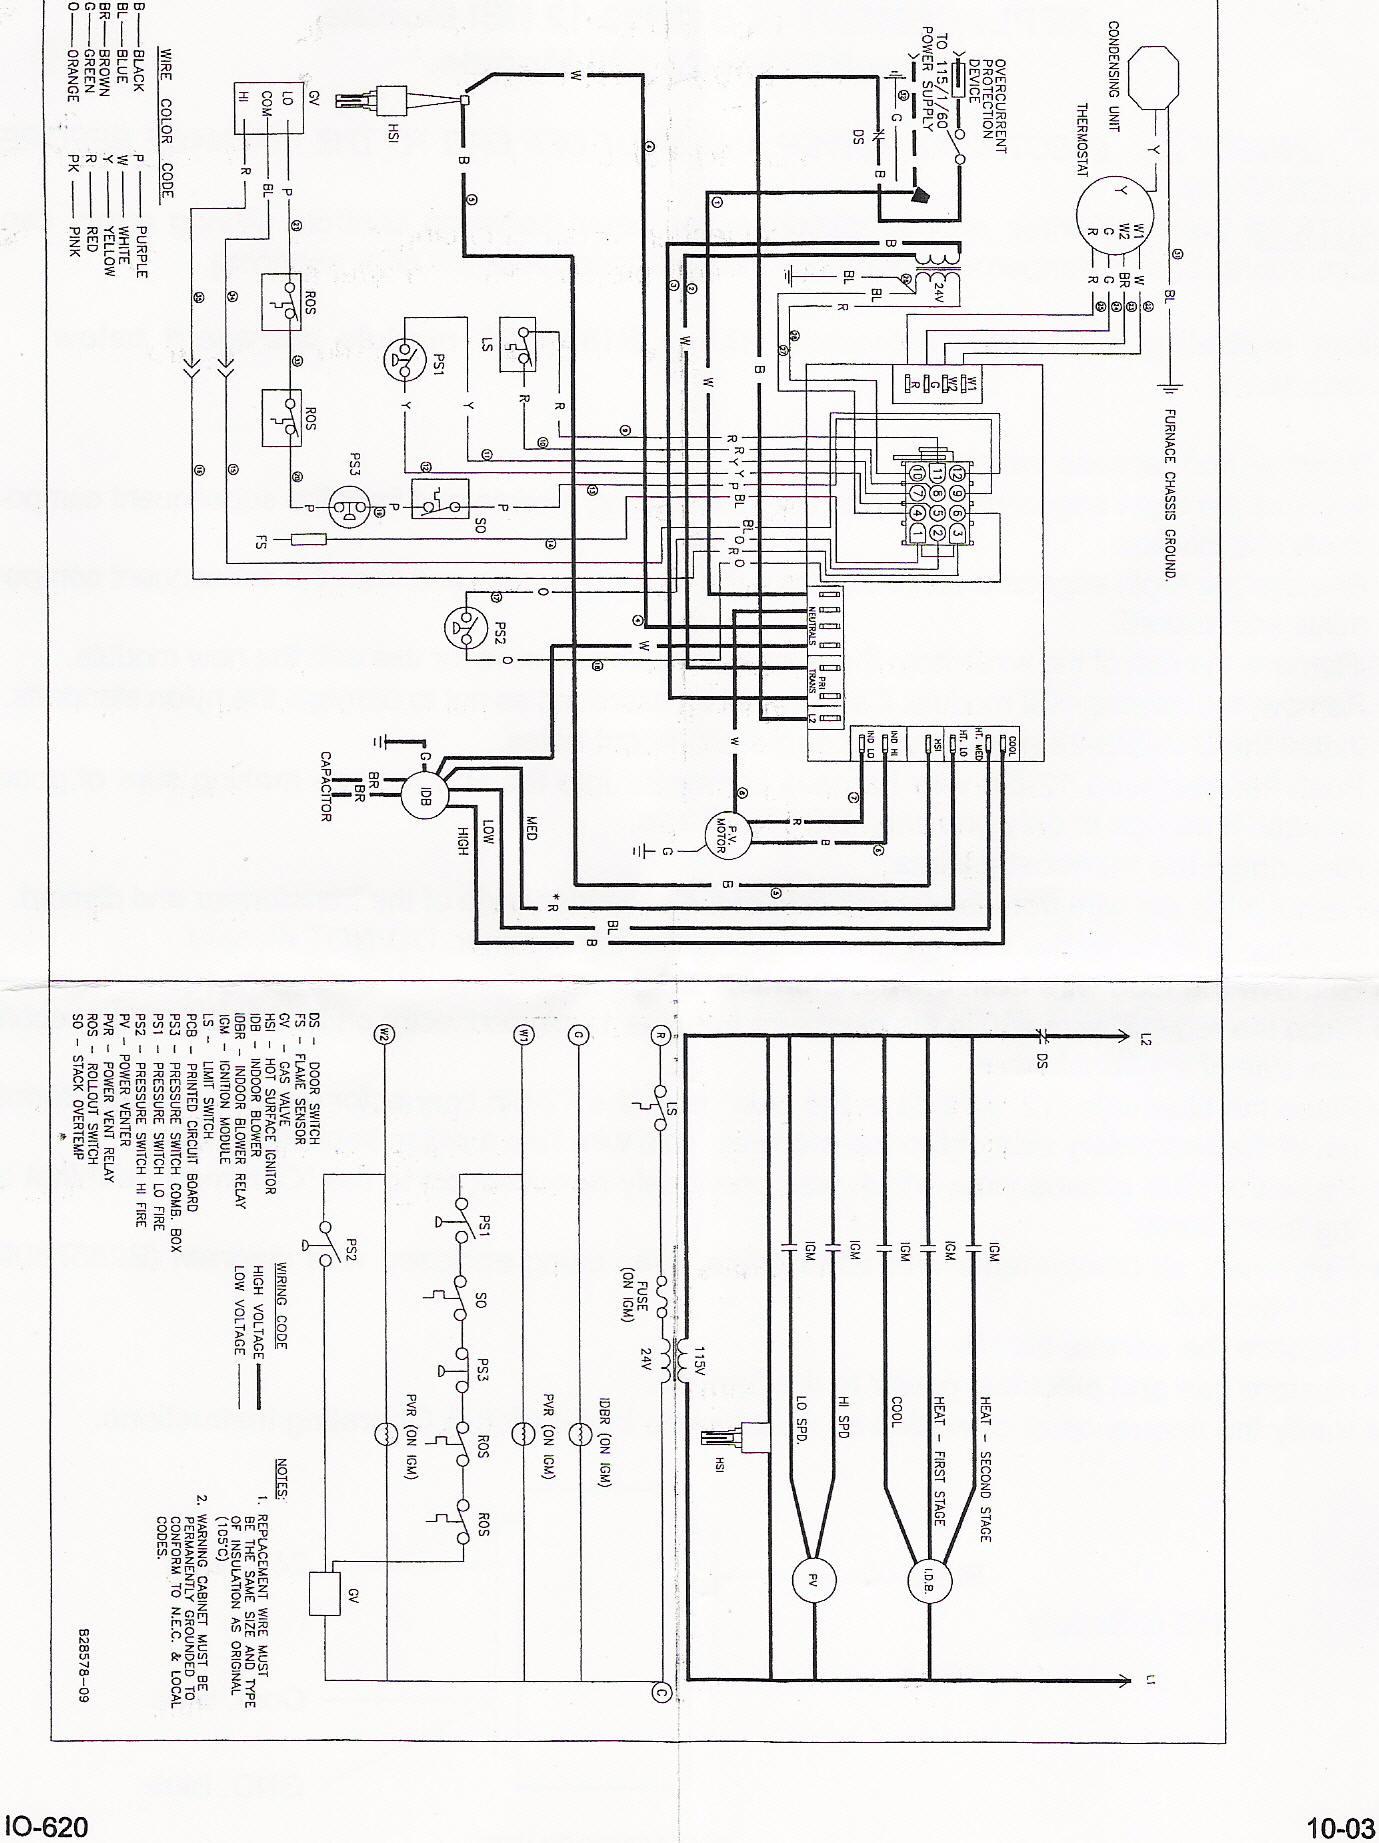 Hvac Control Board Wiring Diagram